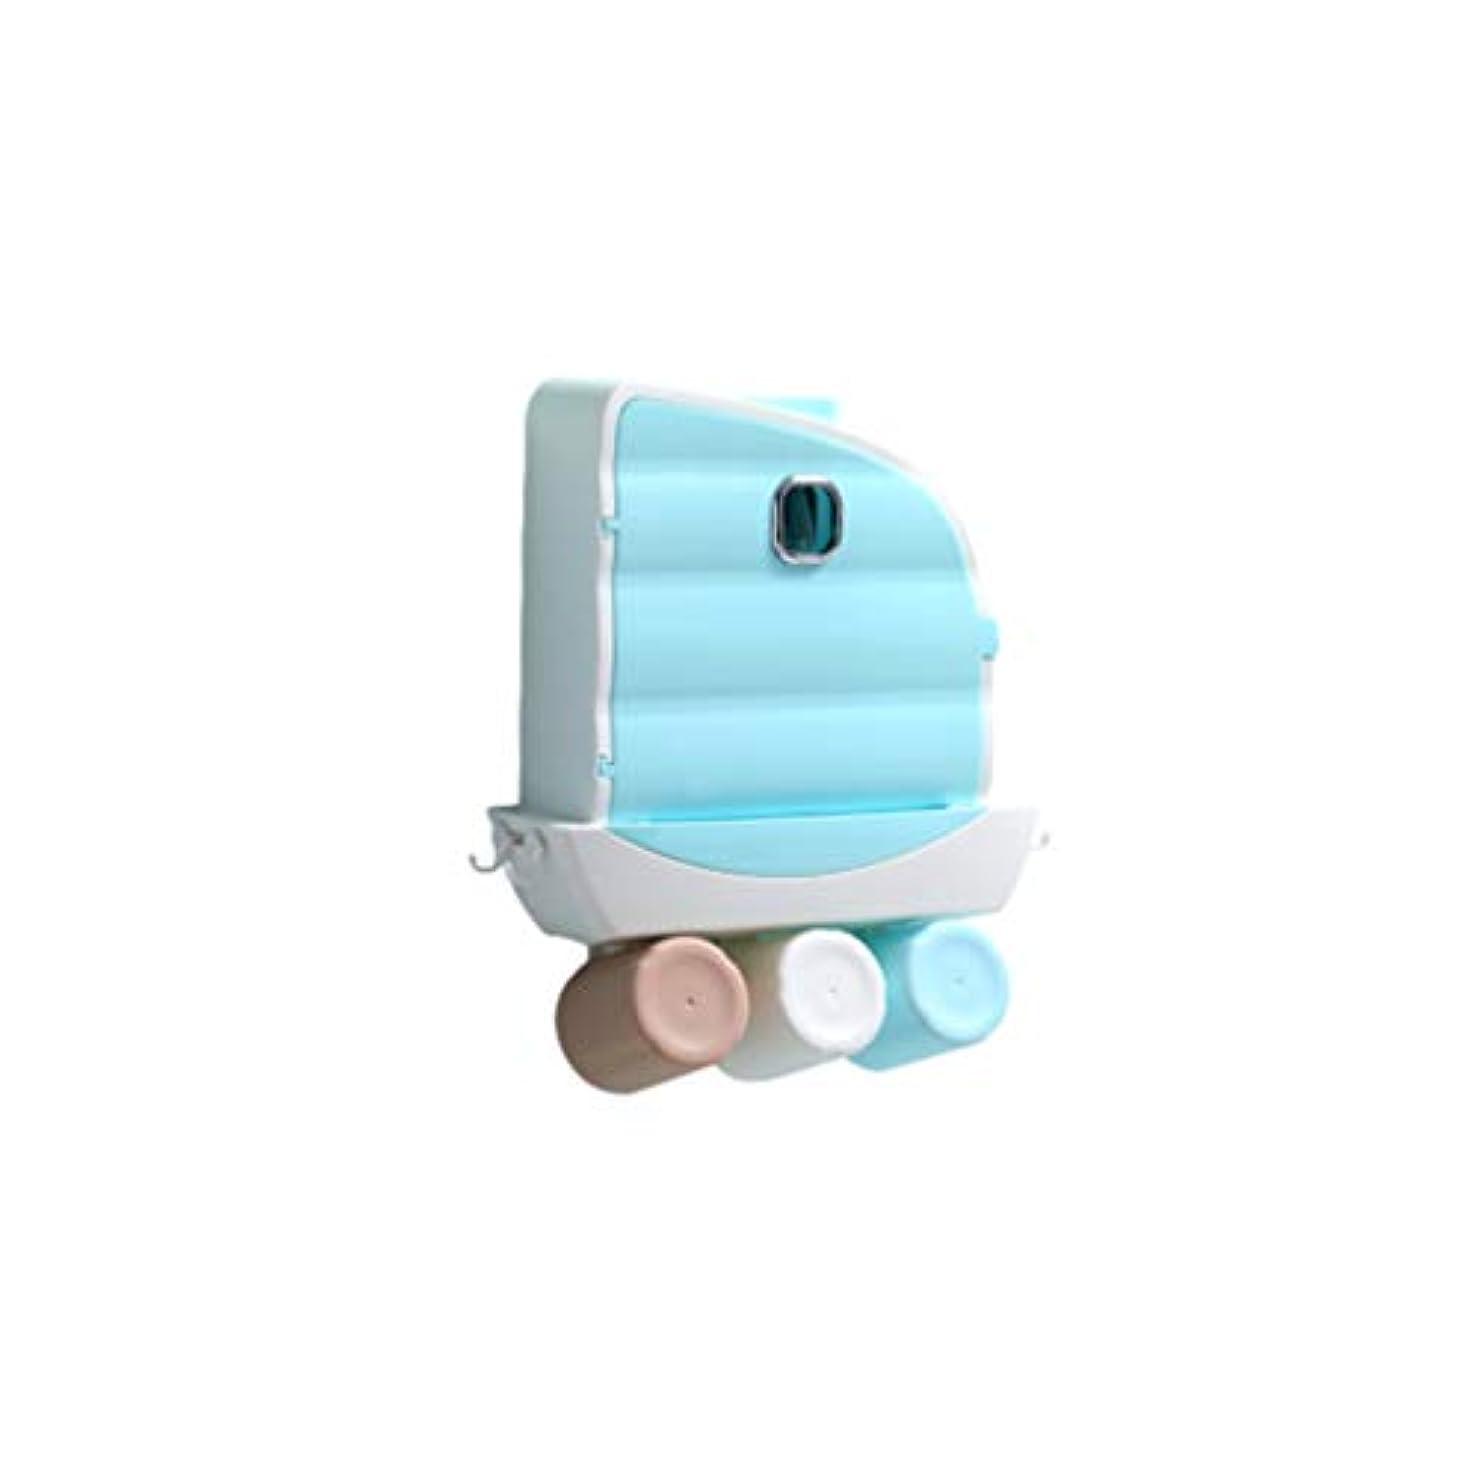 心のこもった約束する刈るHealifty 歯ブラシホルダー壁掛け歯磨き粉スクイーザーキット(3カップ付き)